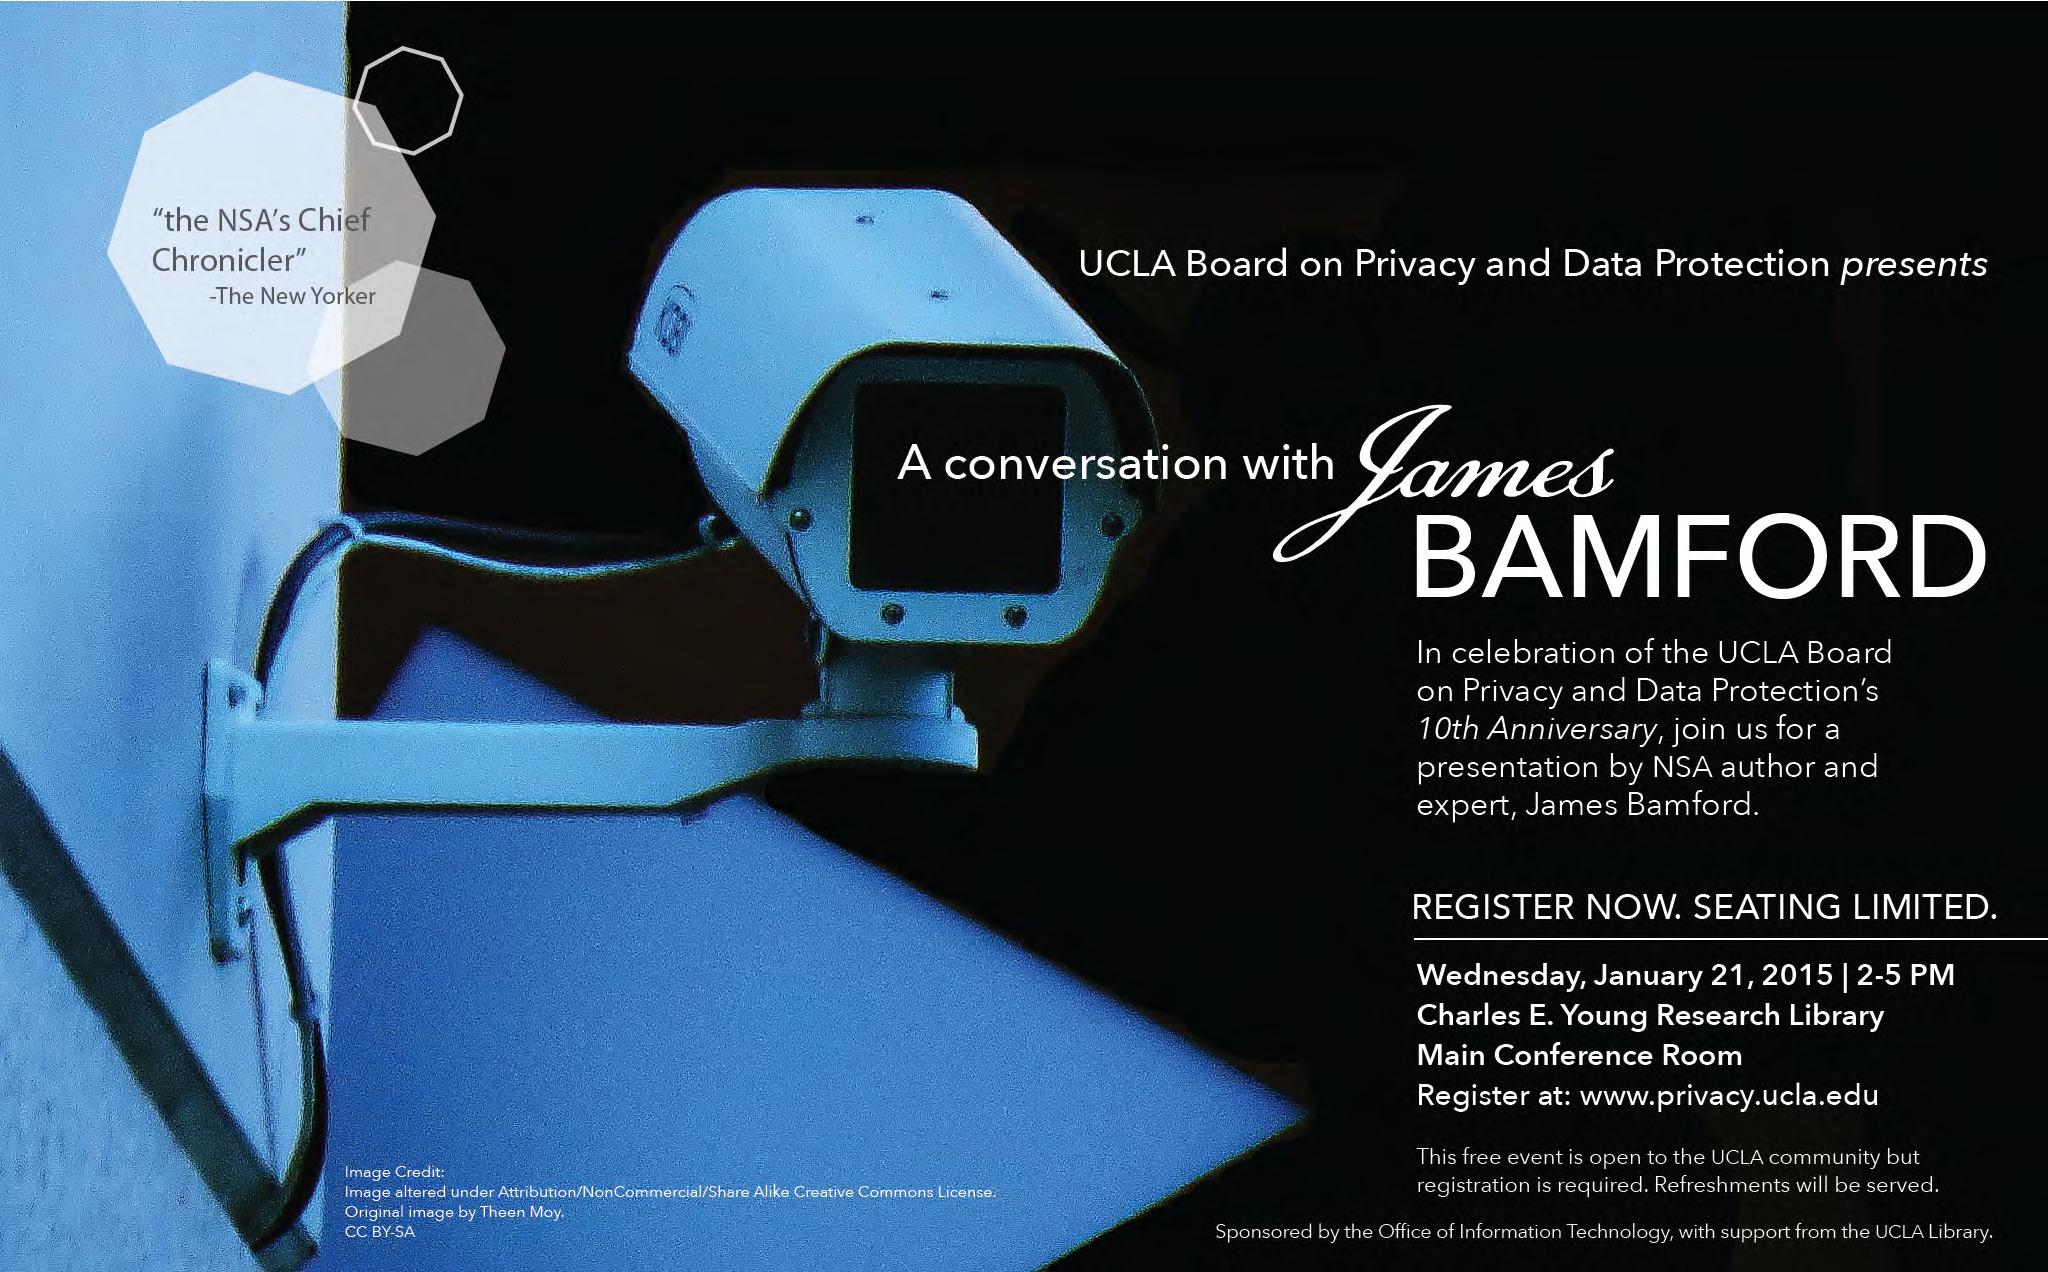 Poster for James Bamford Event